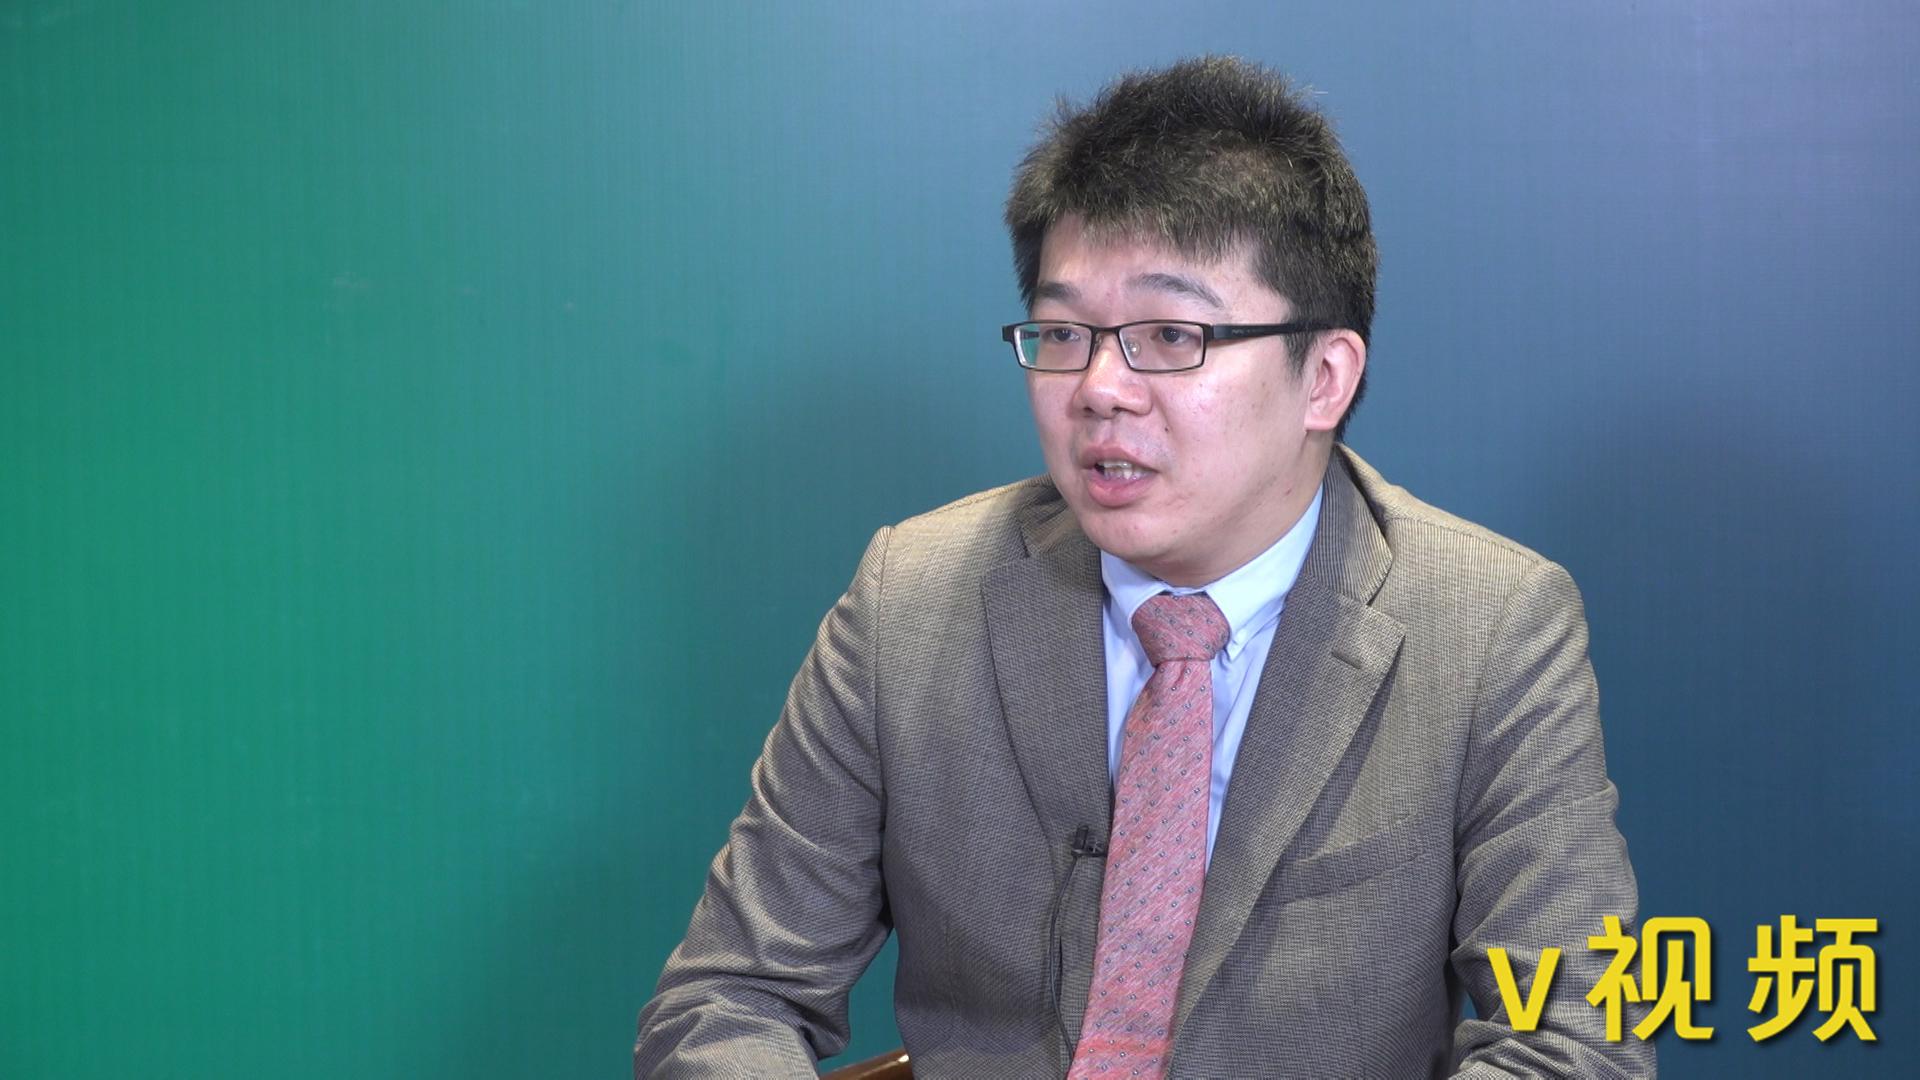 孔祥東:保險行業目前依然處于初級階段.jpg